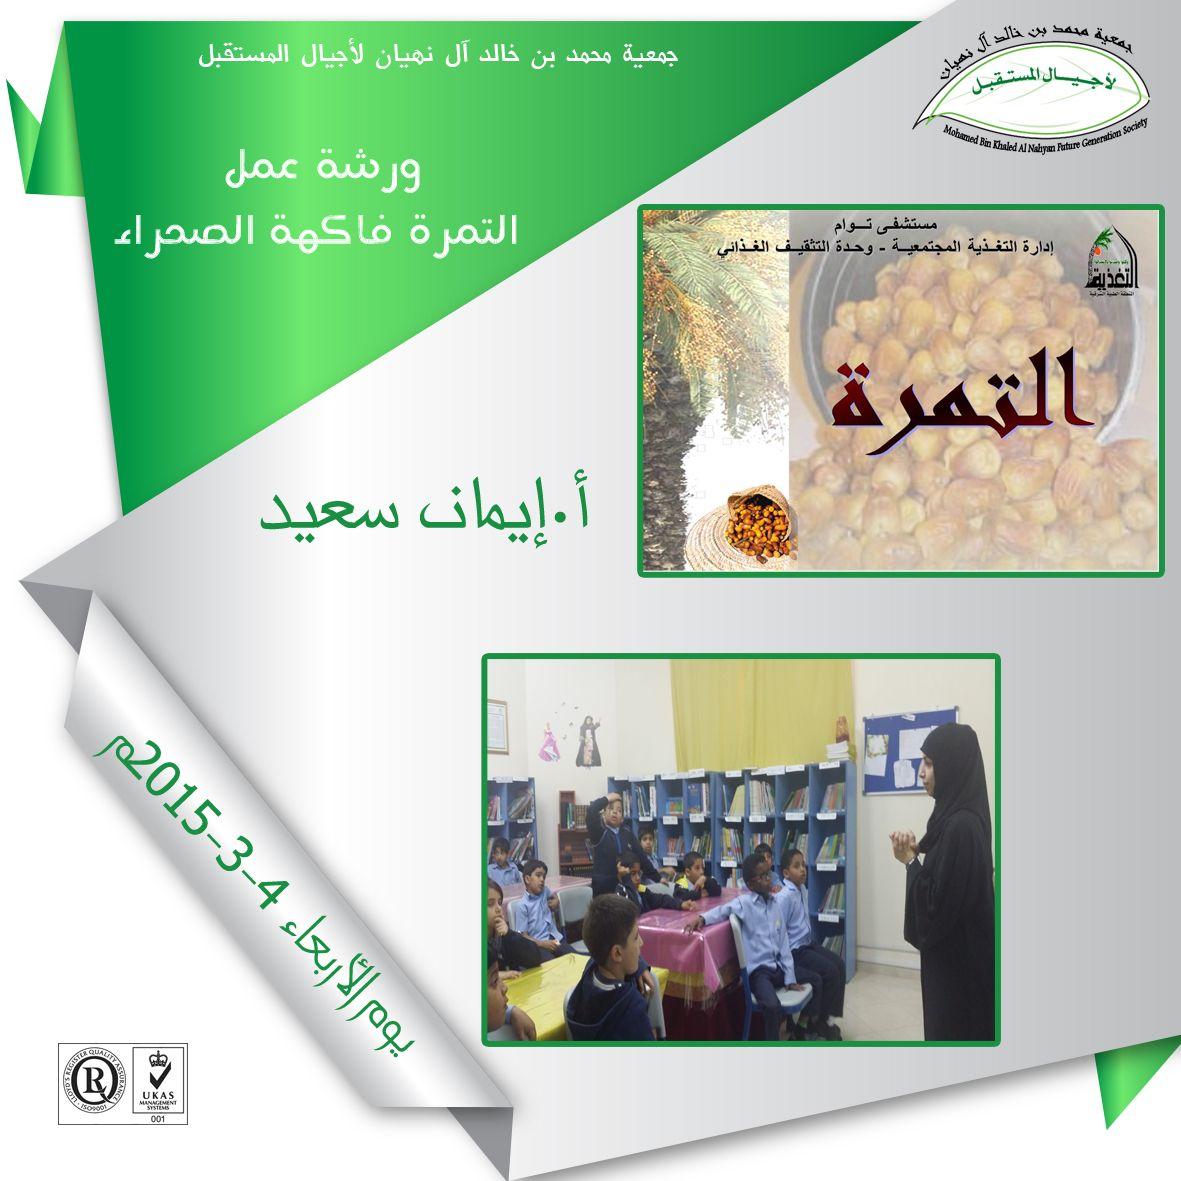 نظمت إدارة جمعية محمد بن خالد آل نهيان لأجيال المستقبل ورشة عمل بعنوان التمرة فاكهة الصحراء يوم الأربعاء الموافق 4 3 2015م ضمن Polaroid Film Polaroid Camera